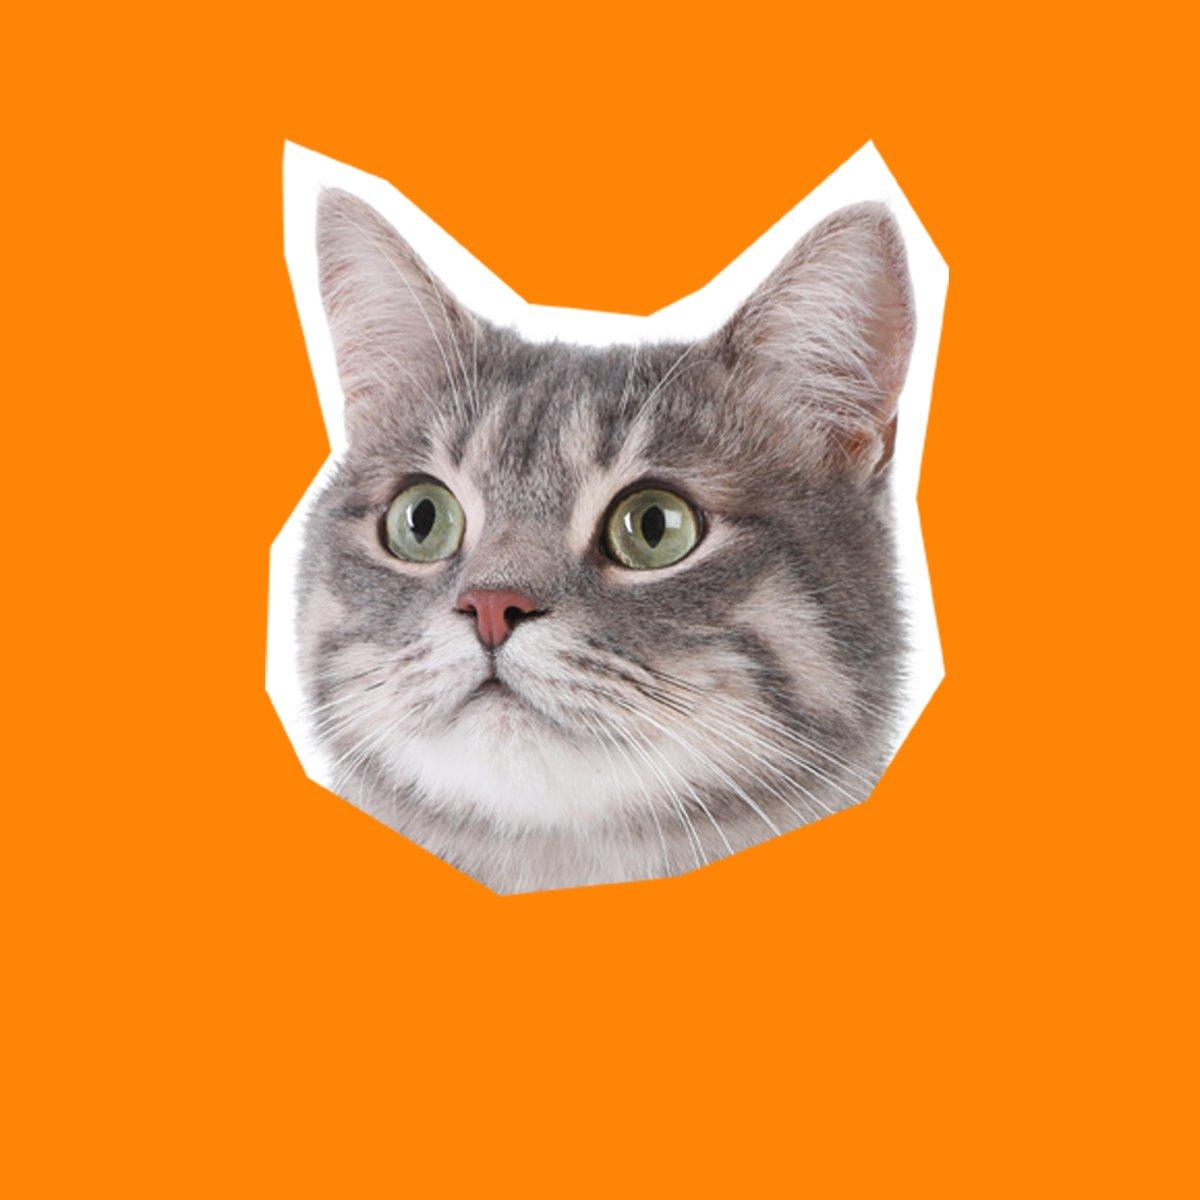 Meow ya doin'? https://t.co/wa5YTTp8OE